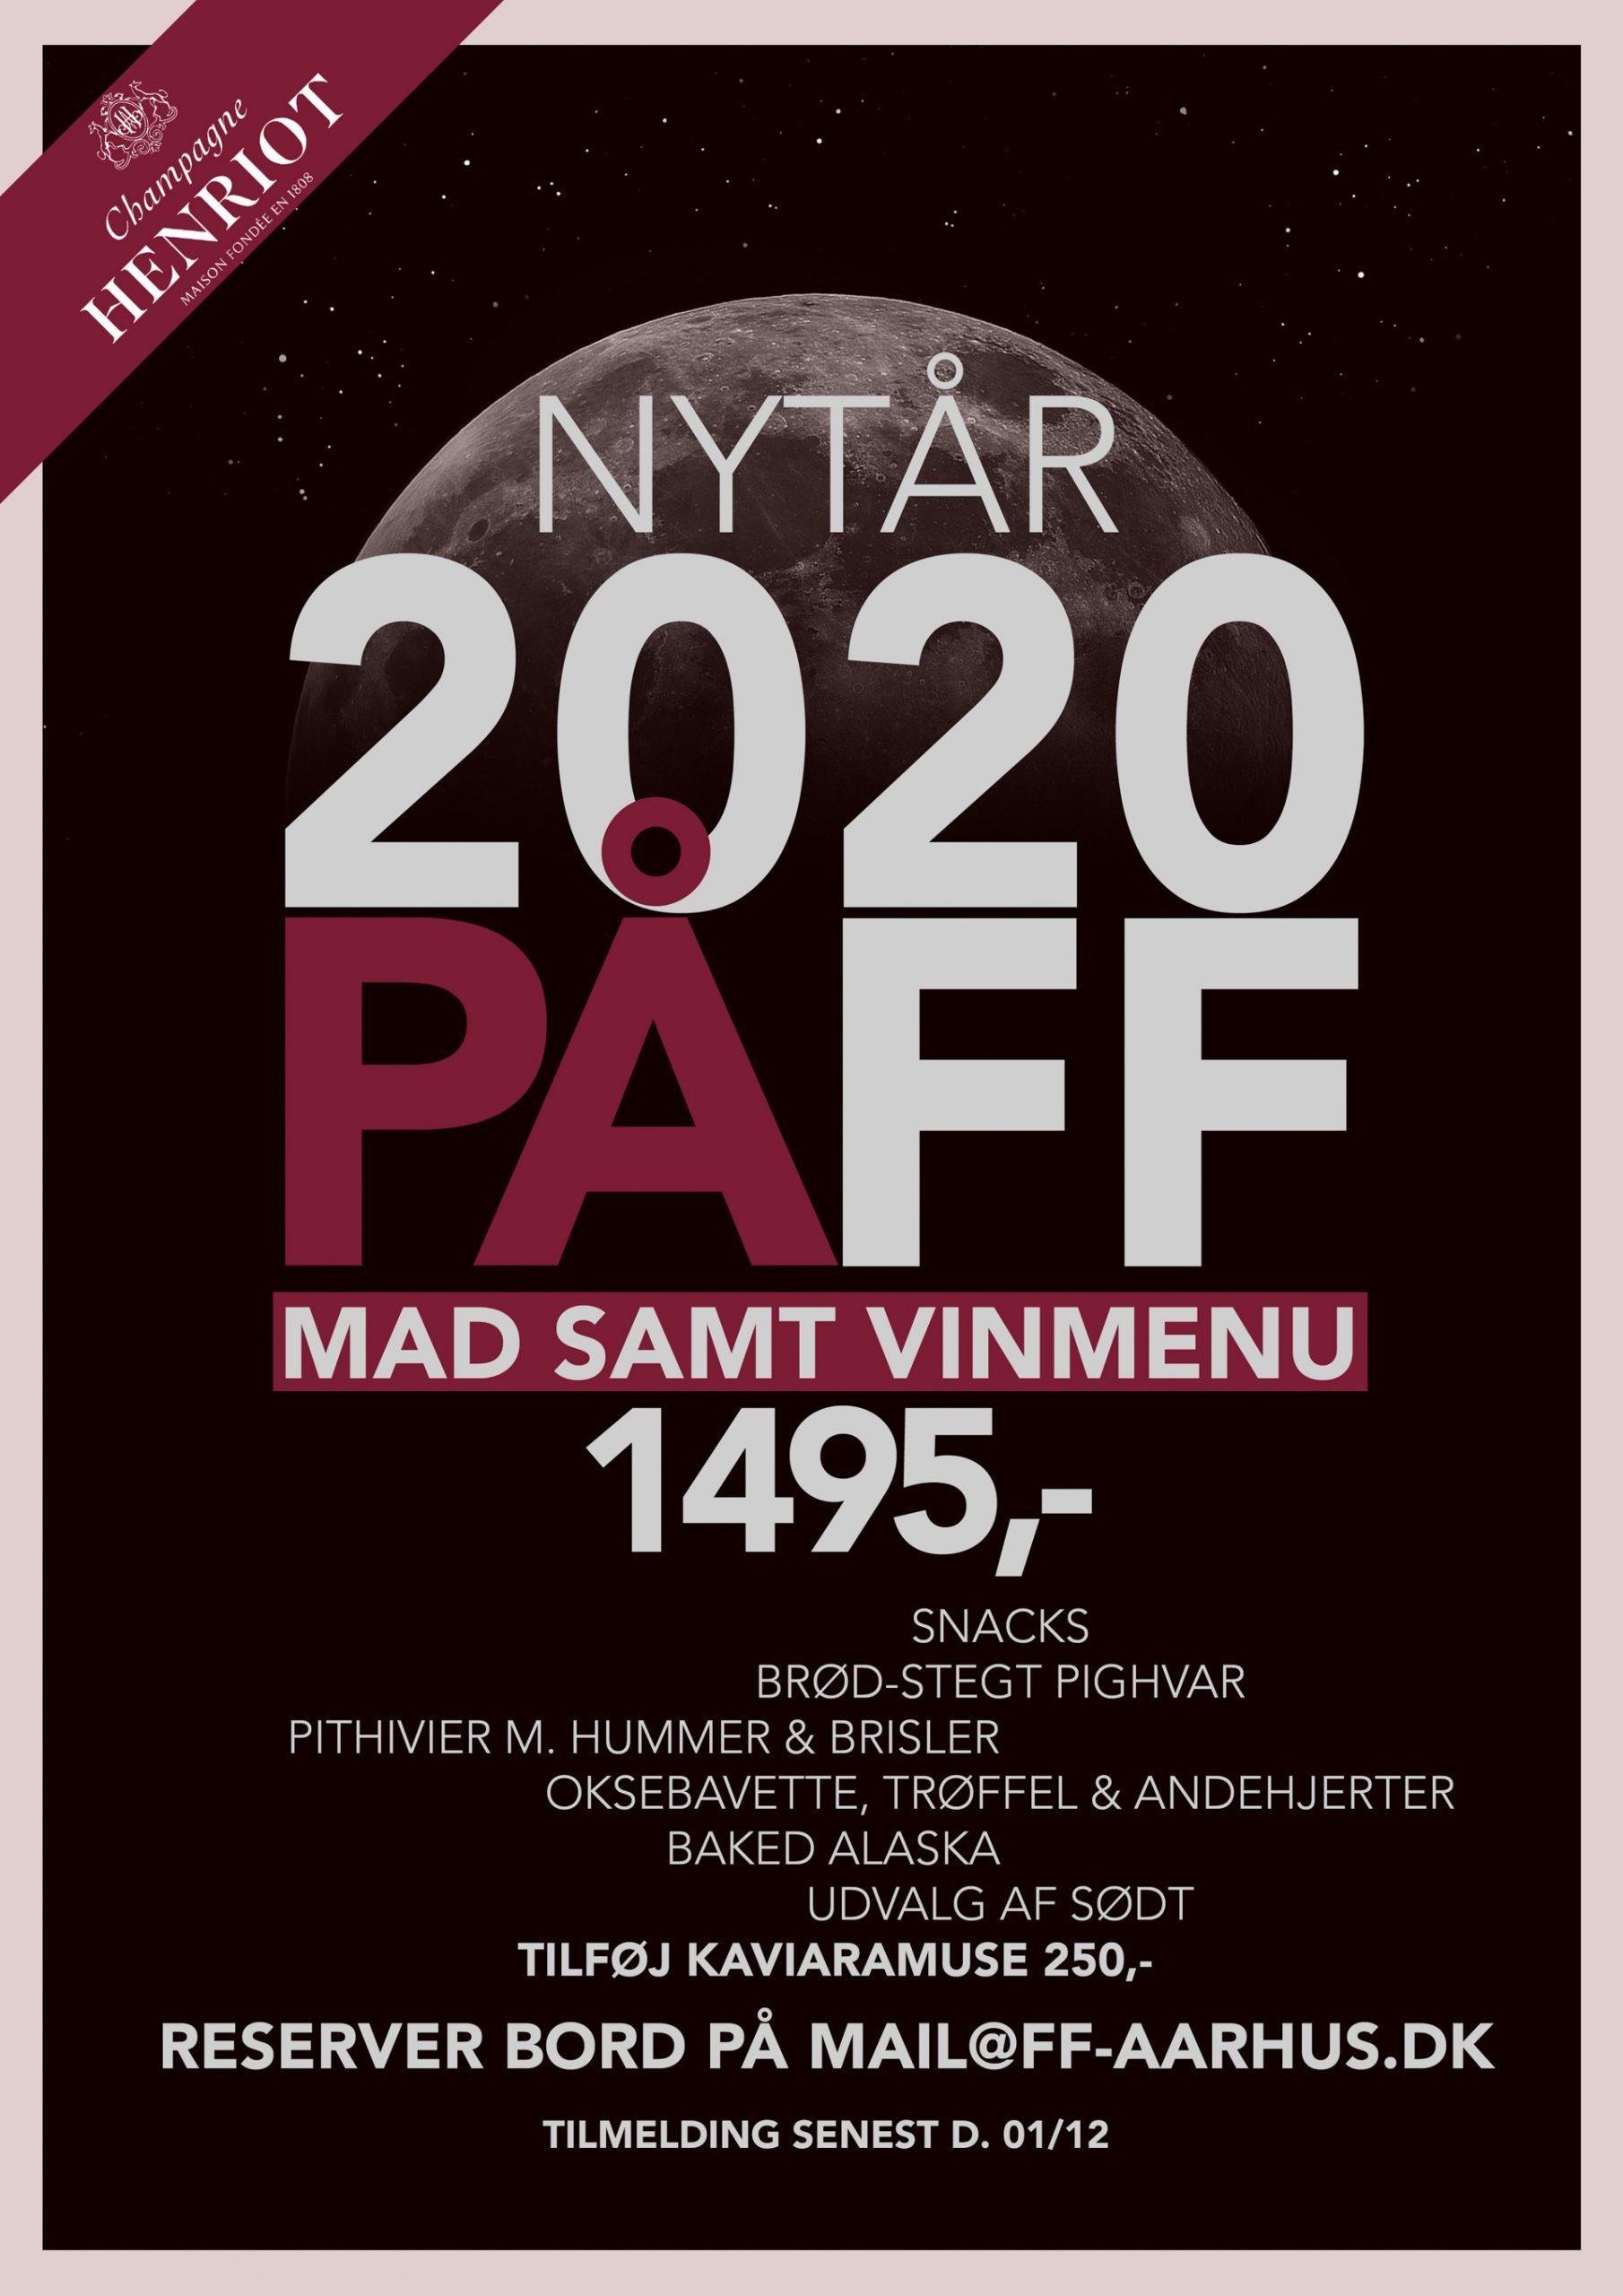 Restaurant FF ved åen: Holder for første gang åbent nytårsaften - og det bliver et brag af en fest!